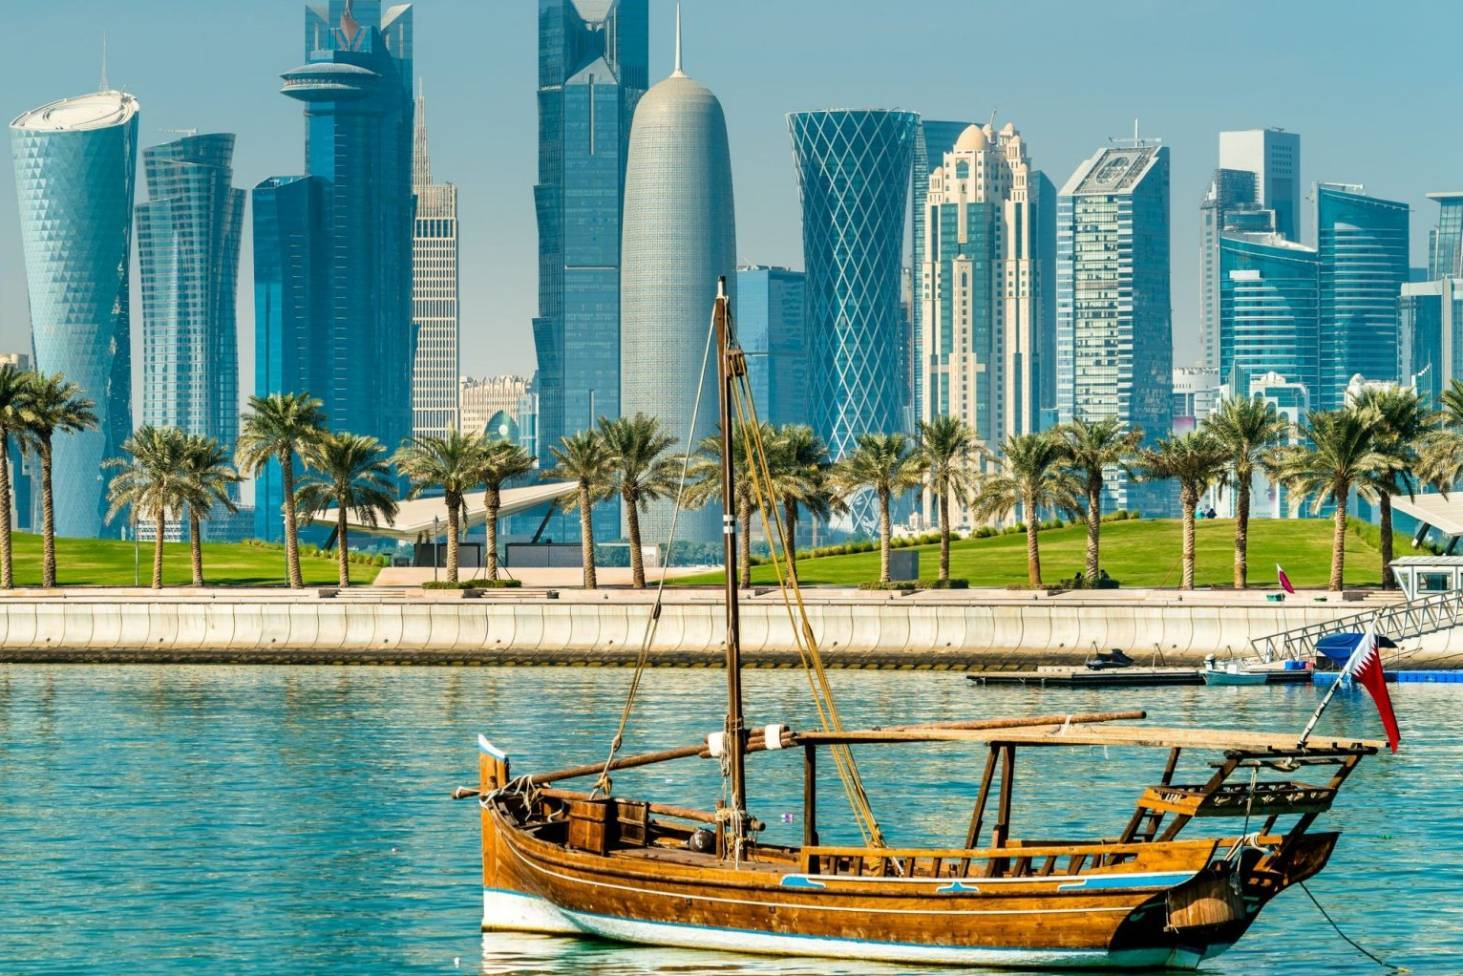 Захватывающее путешествие по Персидскому и Оманскому заливу на 8 марта: Катар, ОАЭ, Оман - Туристический оператор APL Travel (АПЛ Тревел)